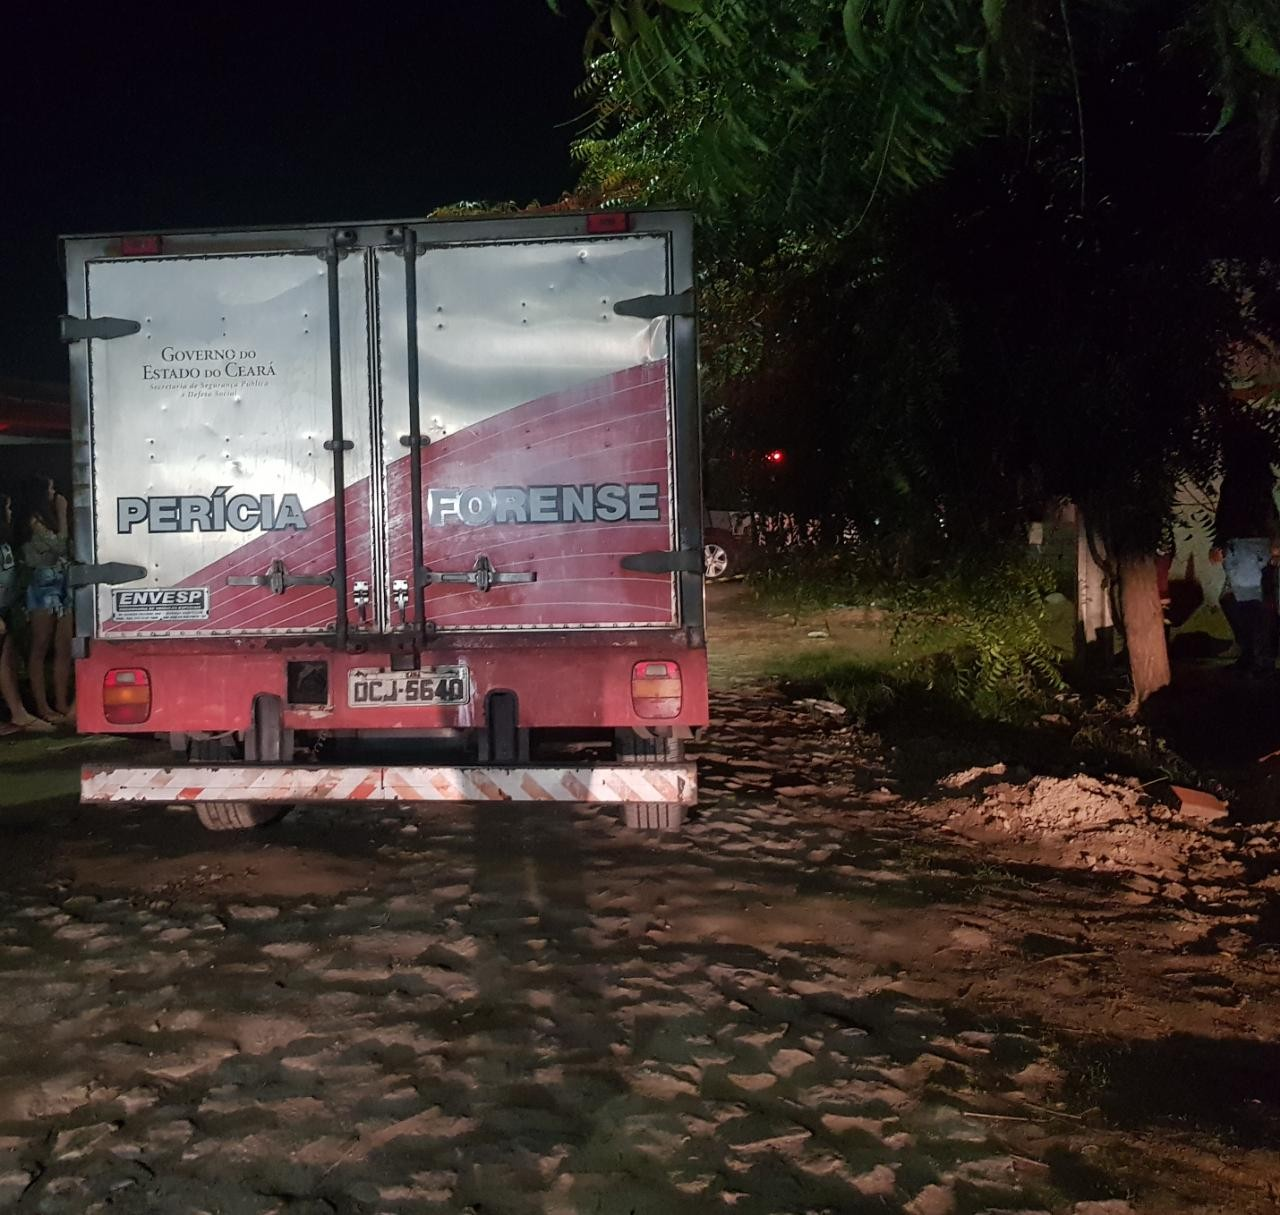 Ocupantes de veículo matam homem a tiros na Região Metropolitana de Fortaleza